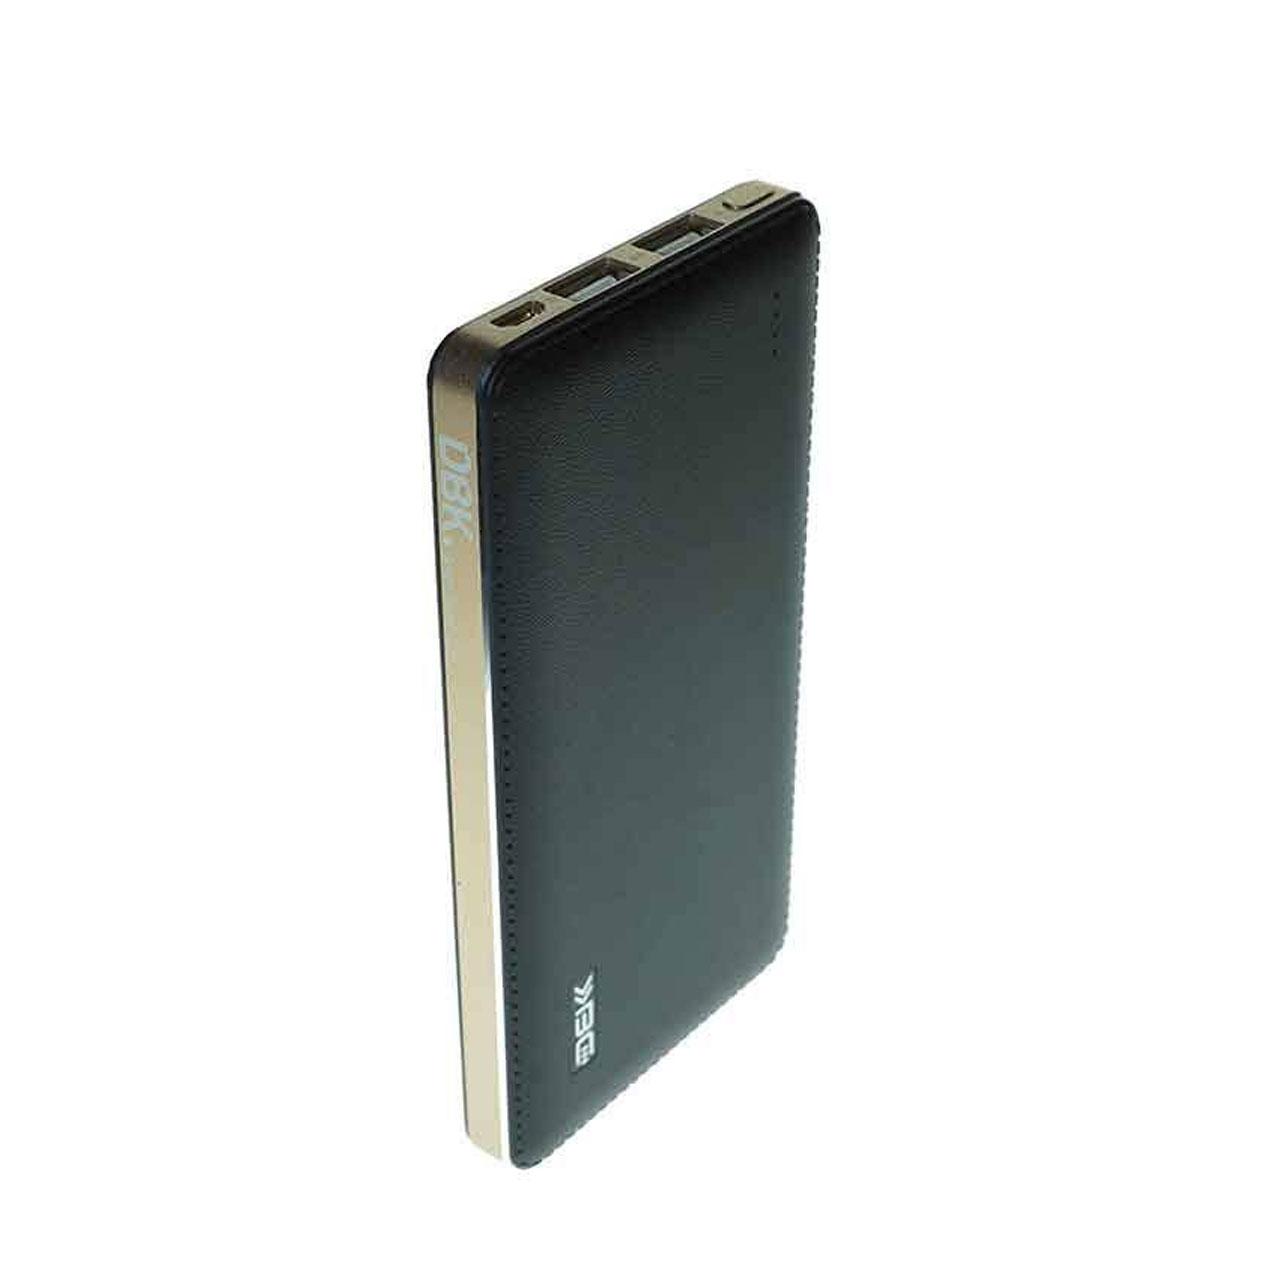 شارژر همراه دی بی کی مدل AS099 ظرفیت12000 میلی آمپر ساعت